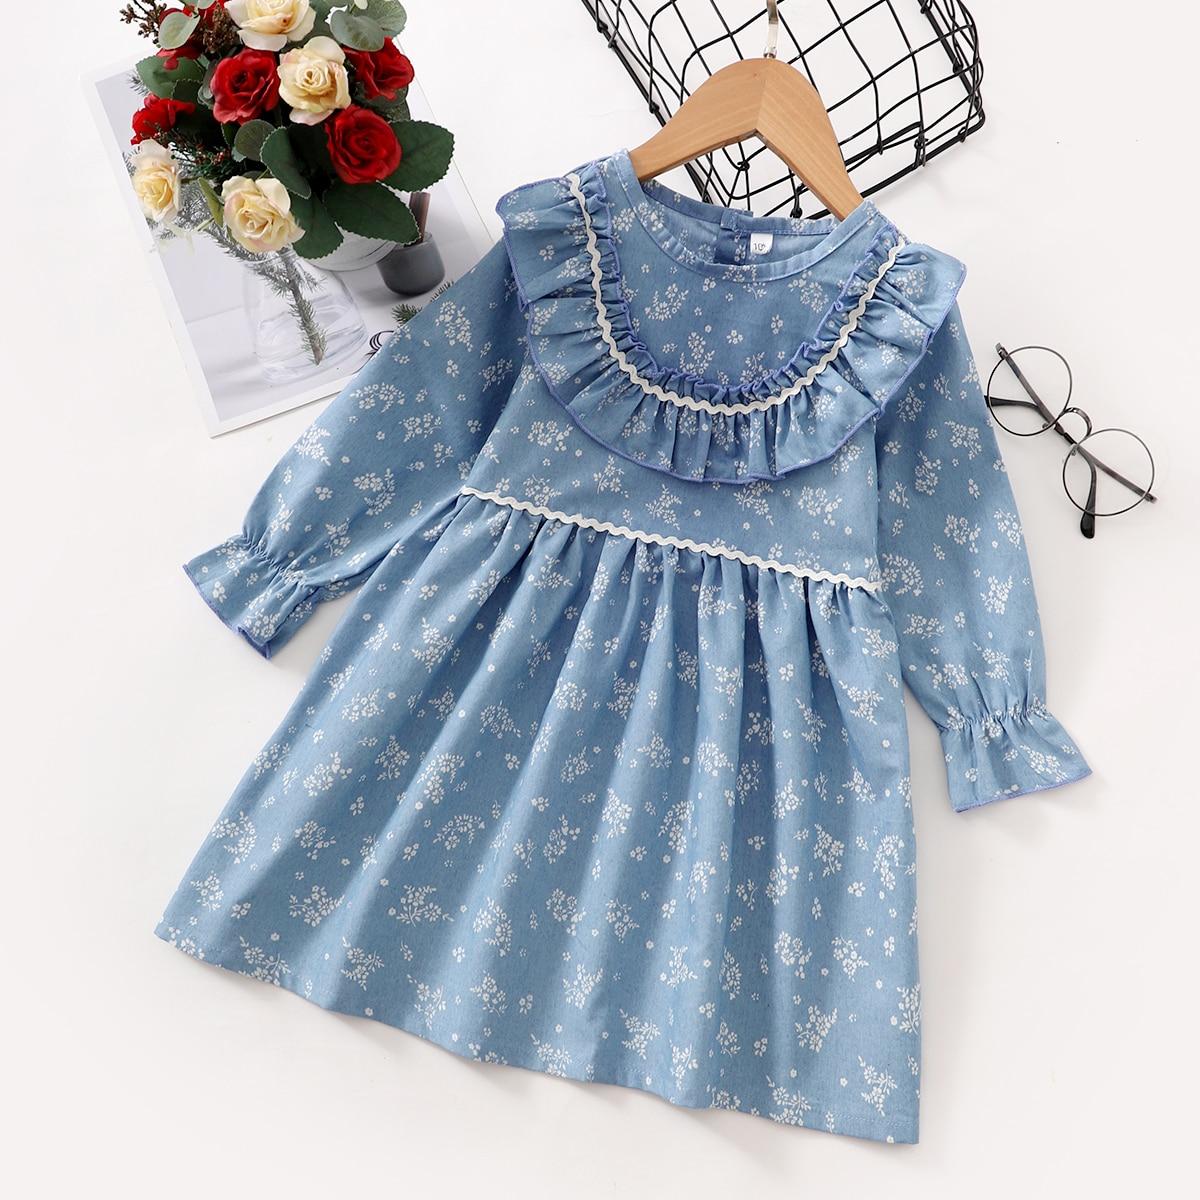 Джинсовое платье с цветочным принтом для девочек SheIn skdress25210607691